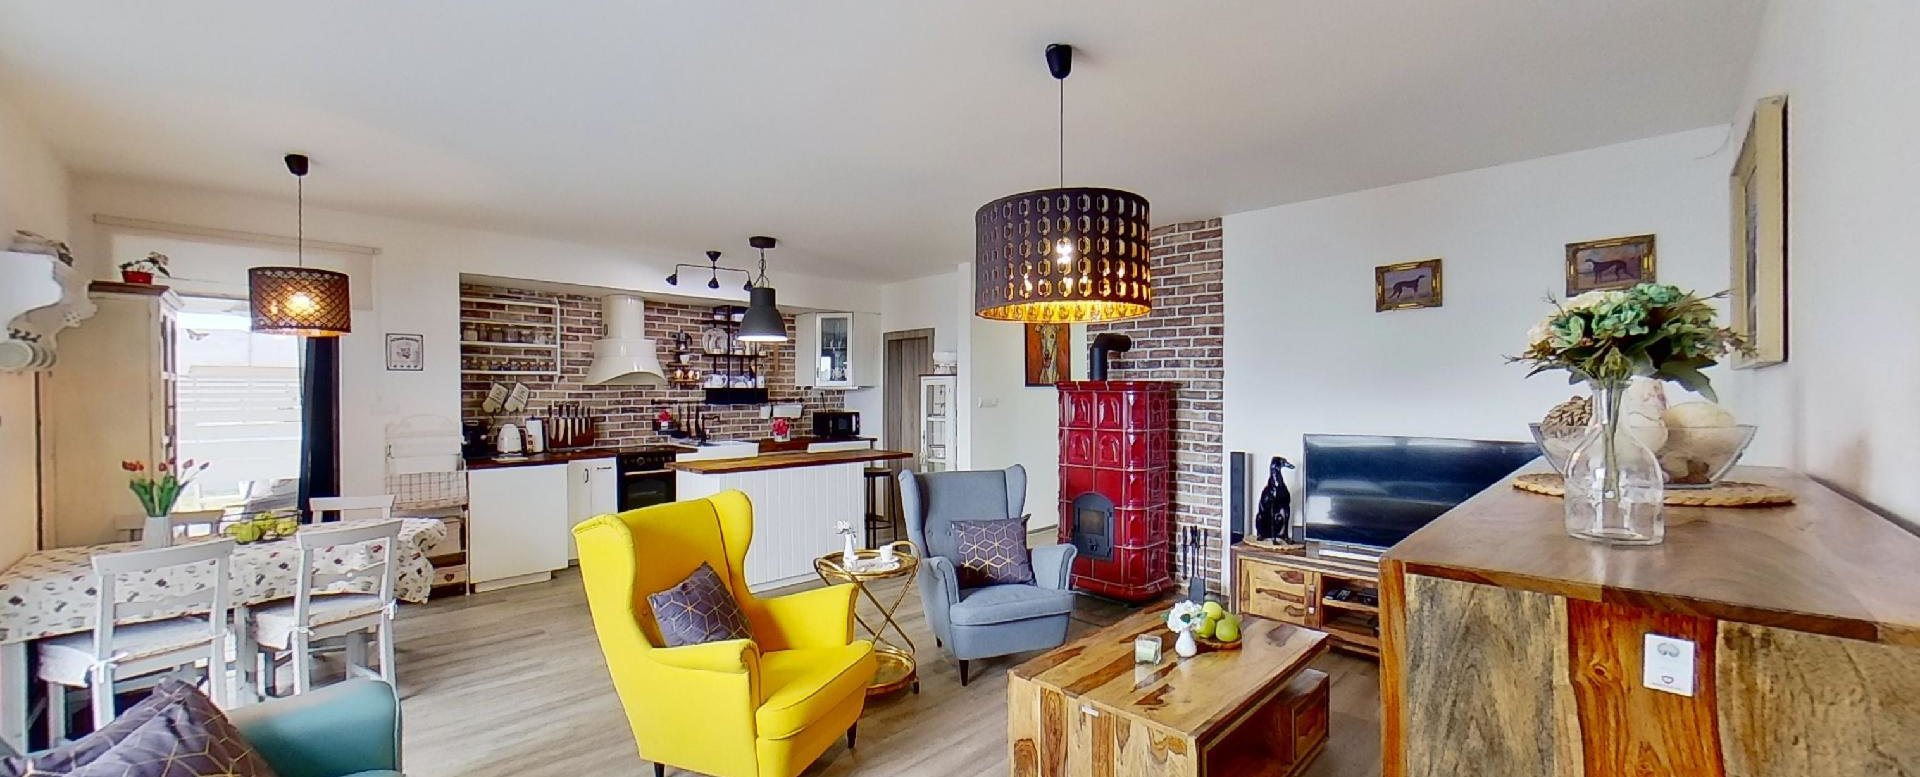 pohľad z obývacej časti do kuchyne